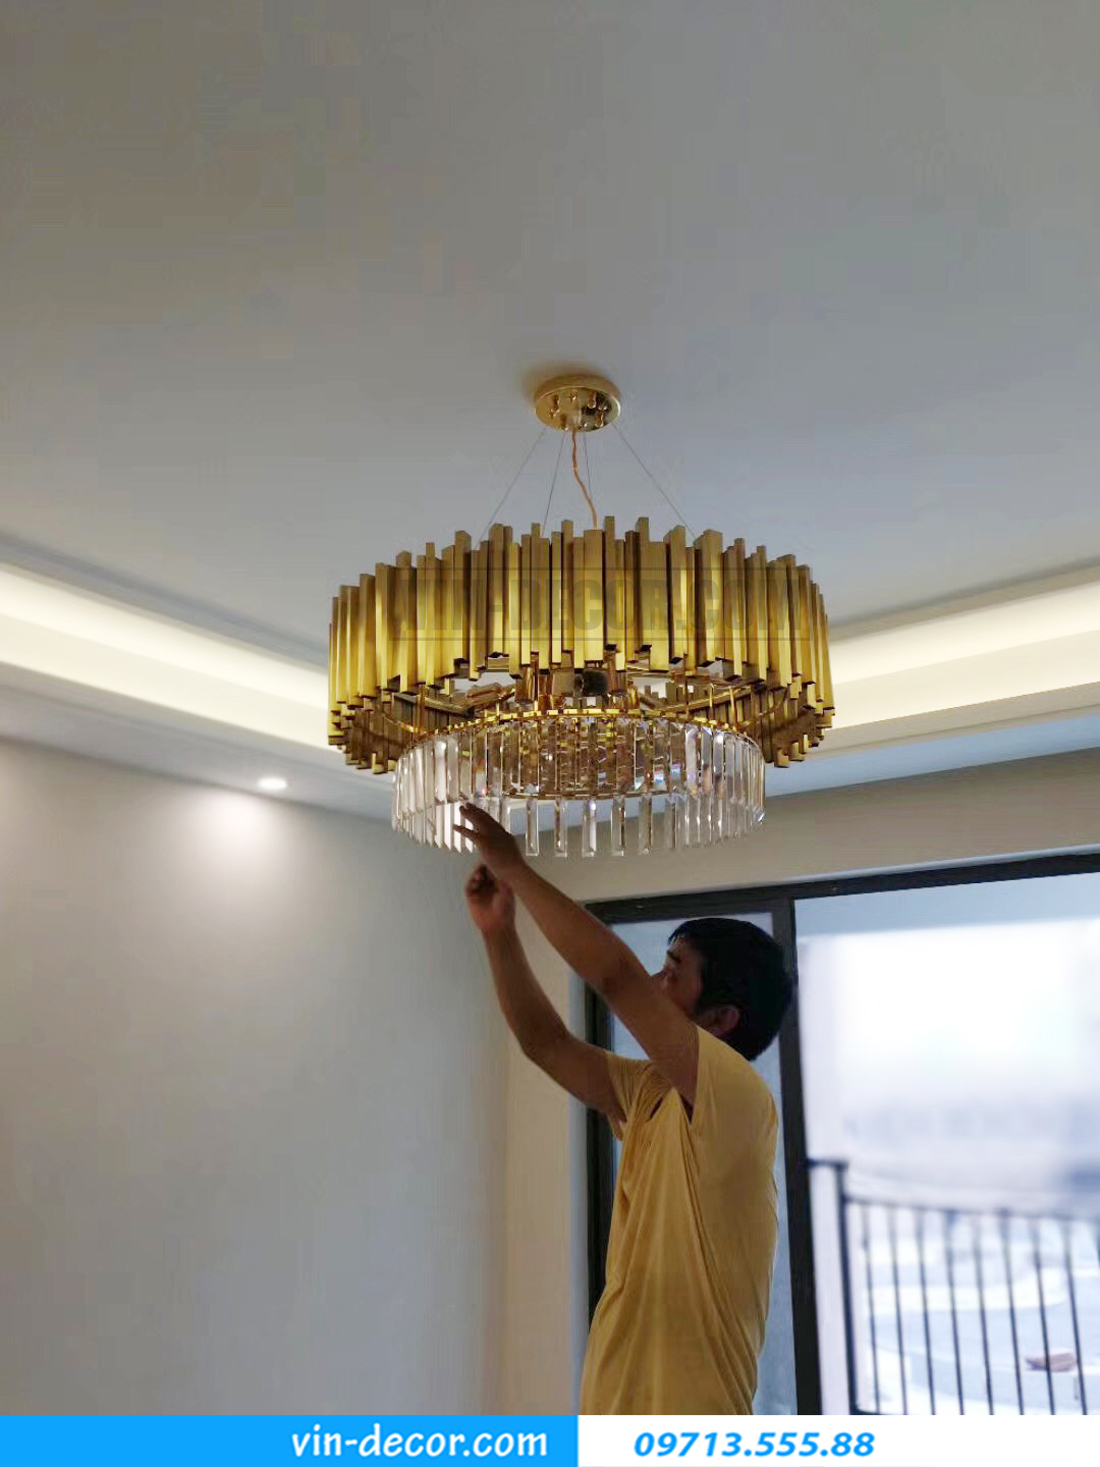 tổng hợp ác mẫu đèn trang trí nội thất chung cư ấn tượng hiện đại 04